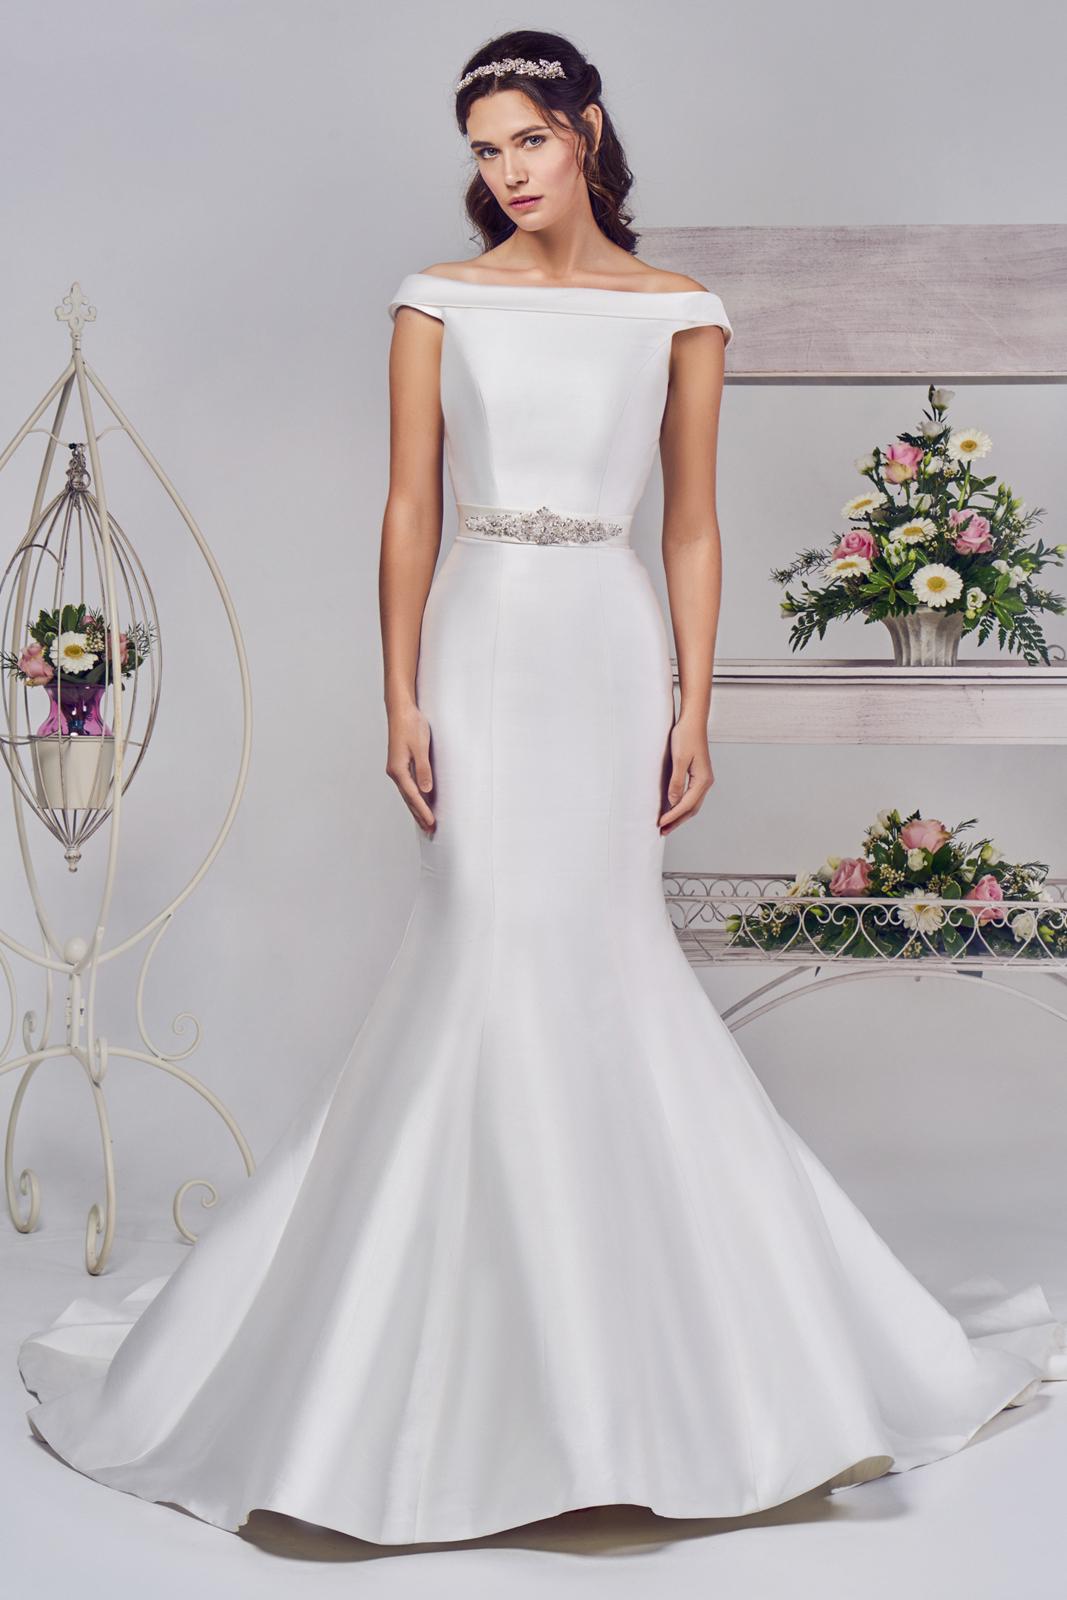 Blossom - The Bridal Emporium